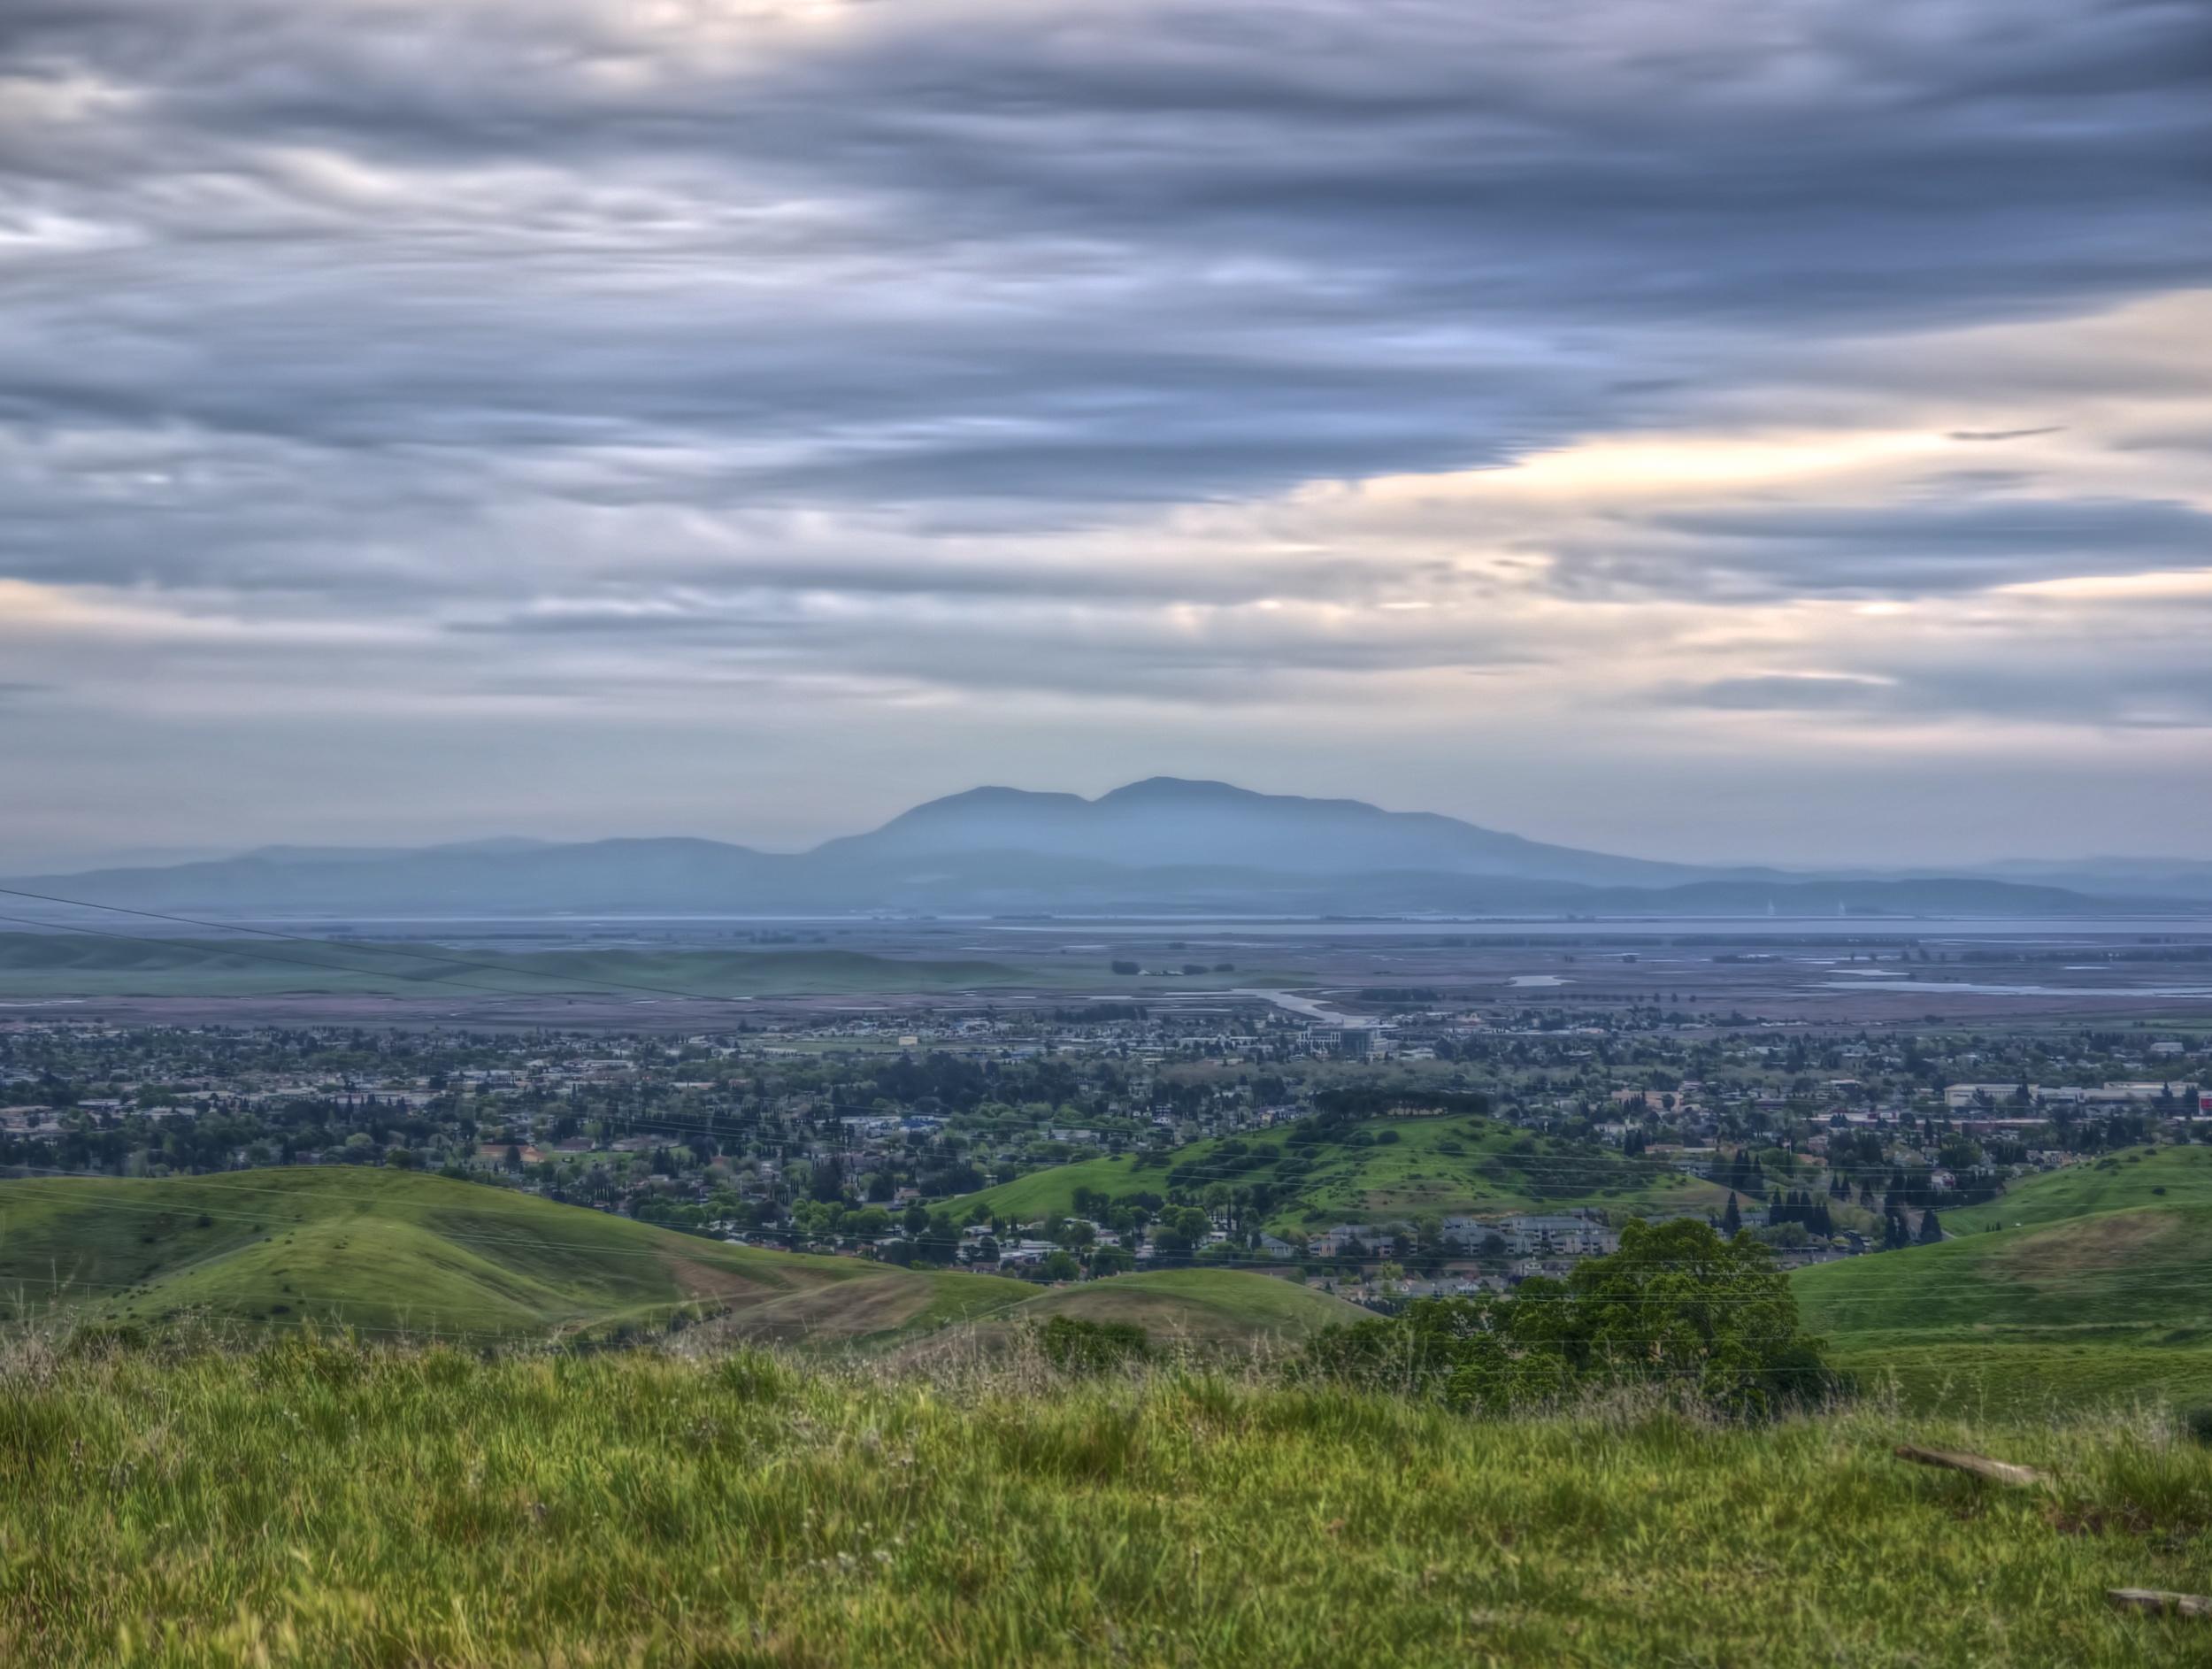 Fairfield, Suisun, Marsh and Mount Diablo